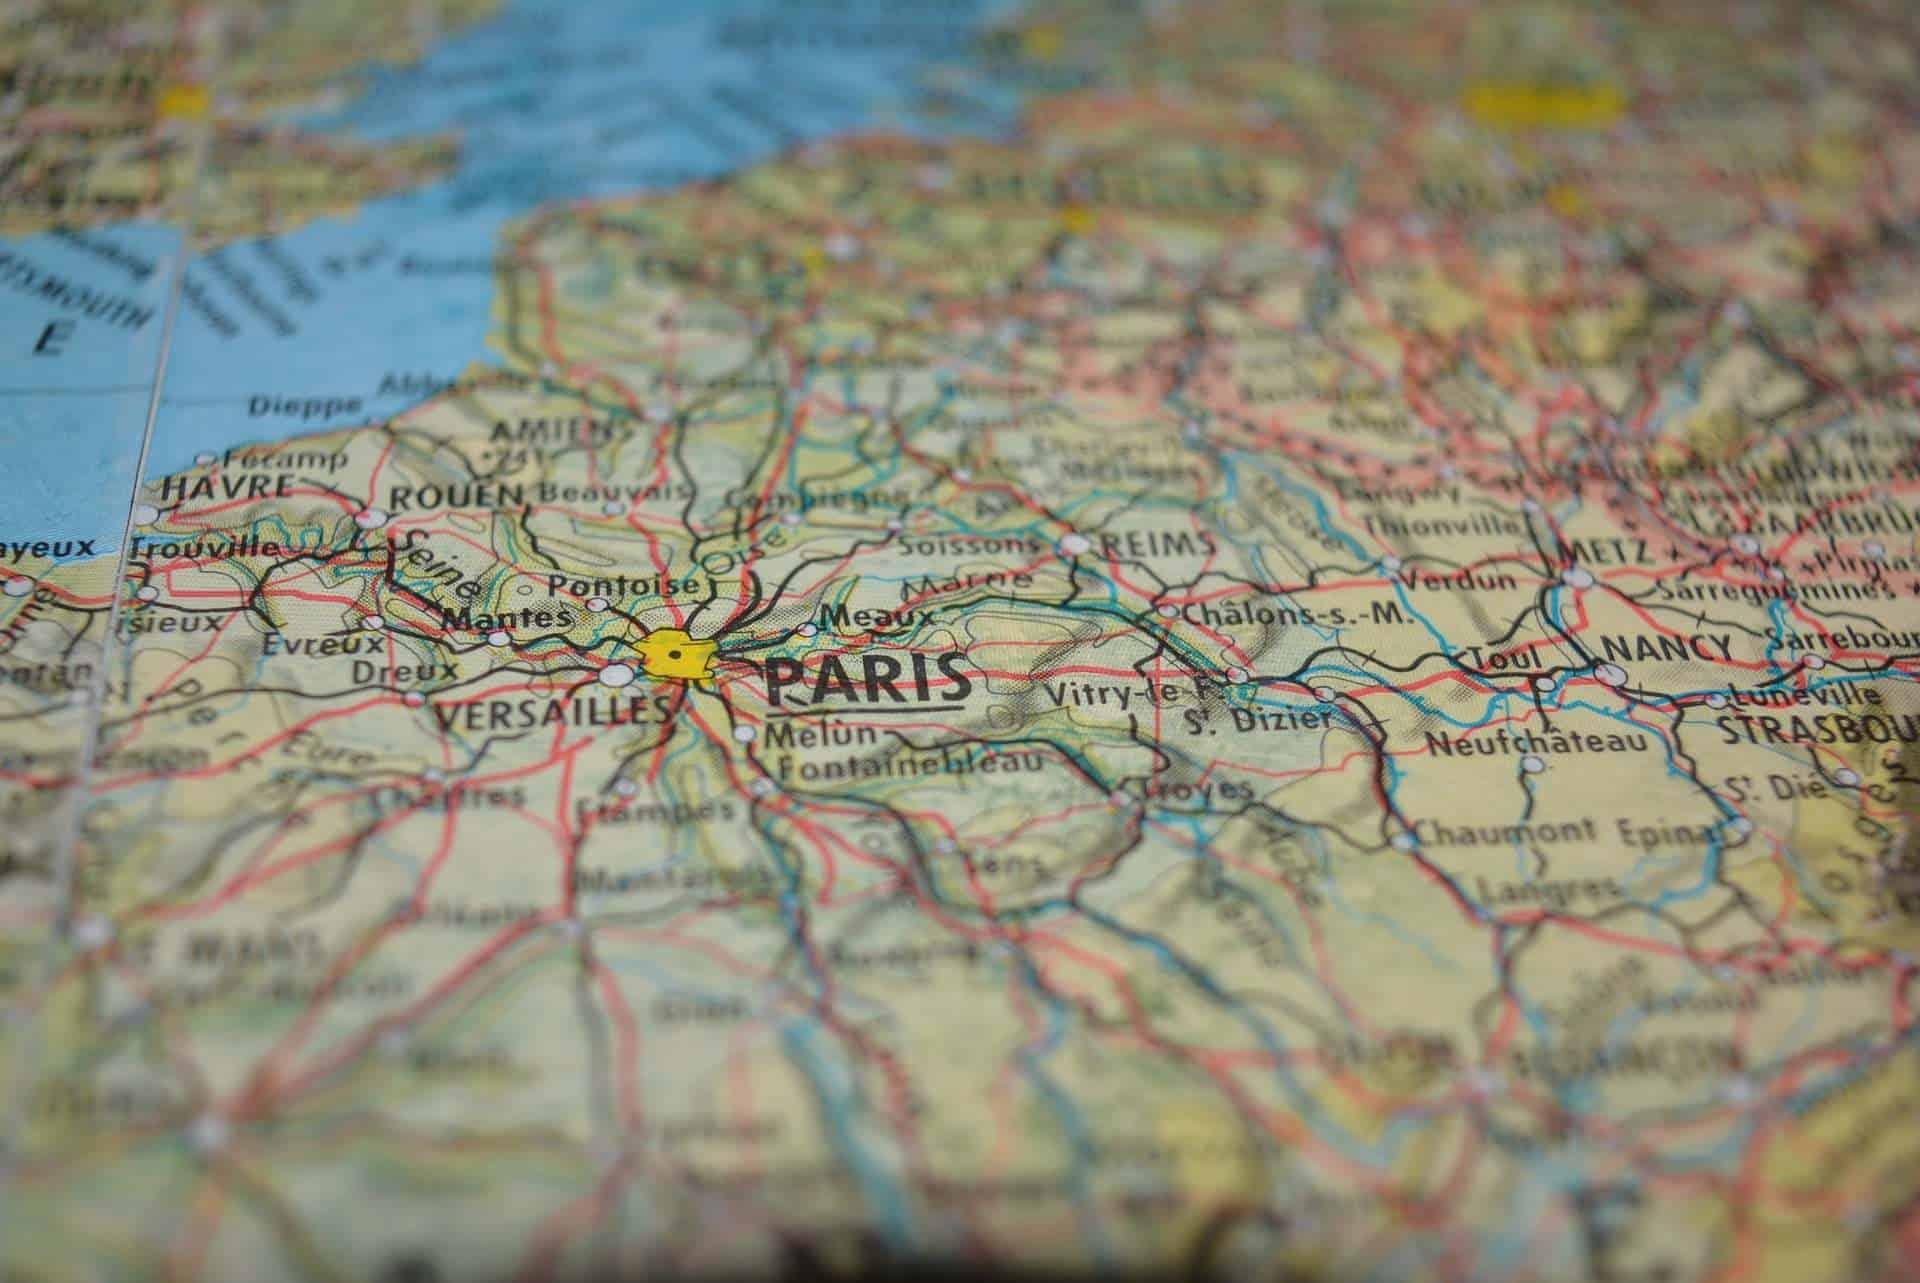 Dintorni di Parigi: cosa fare e vedere a un'ora dalla capitale francese